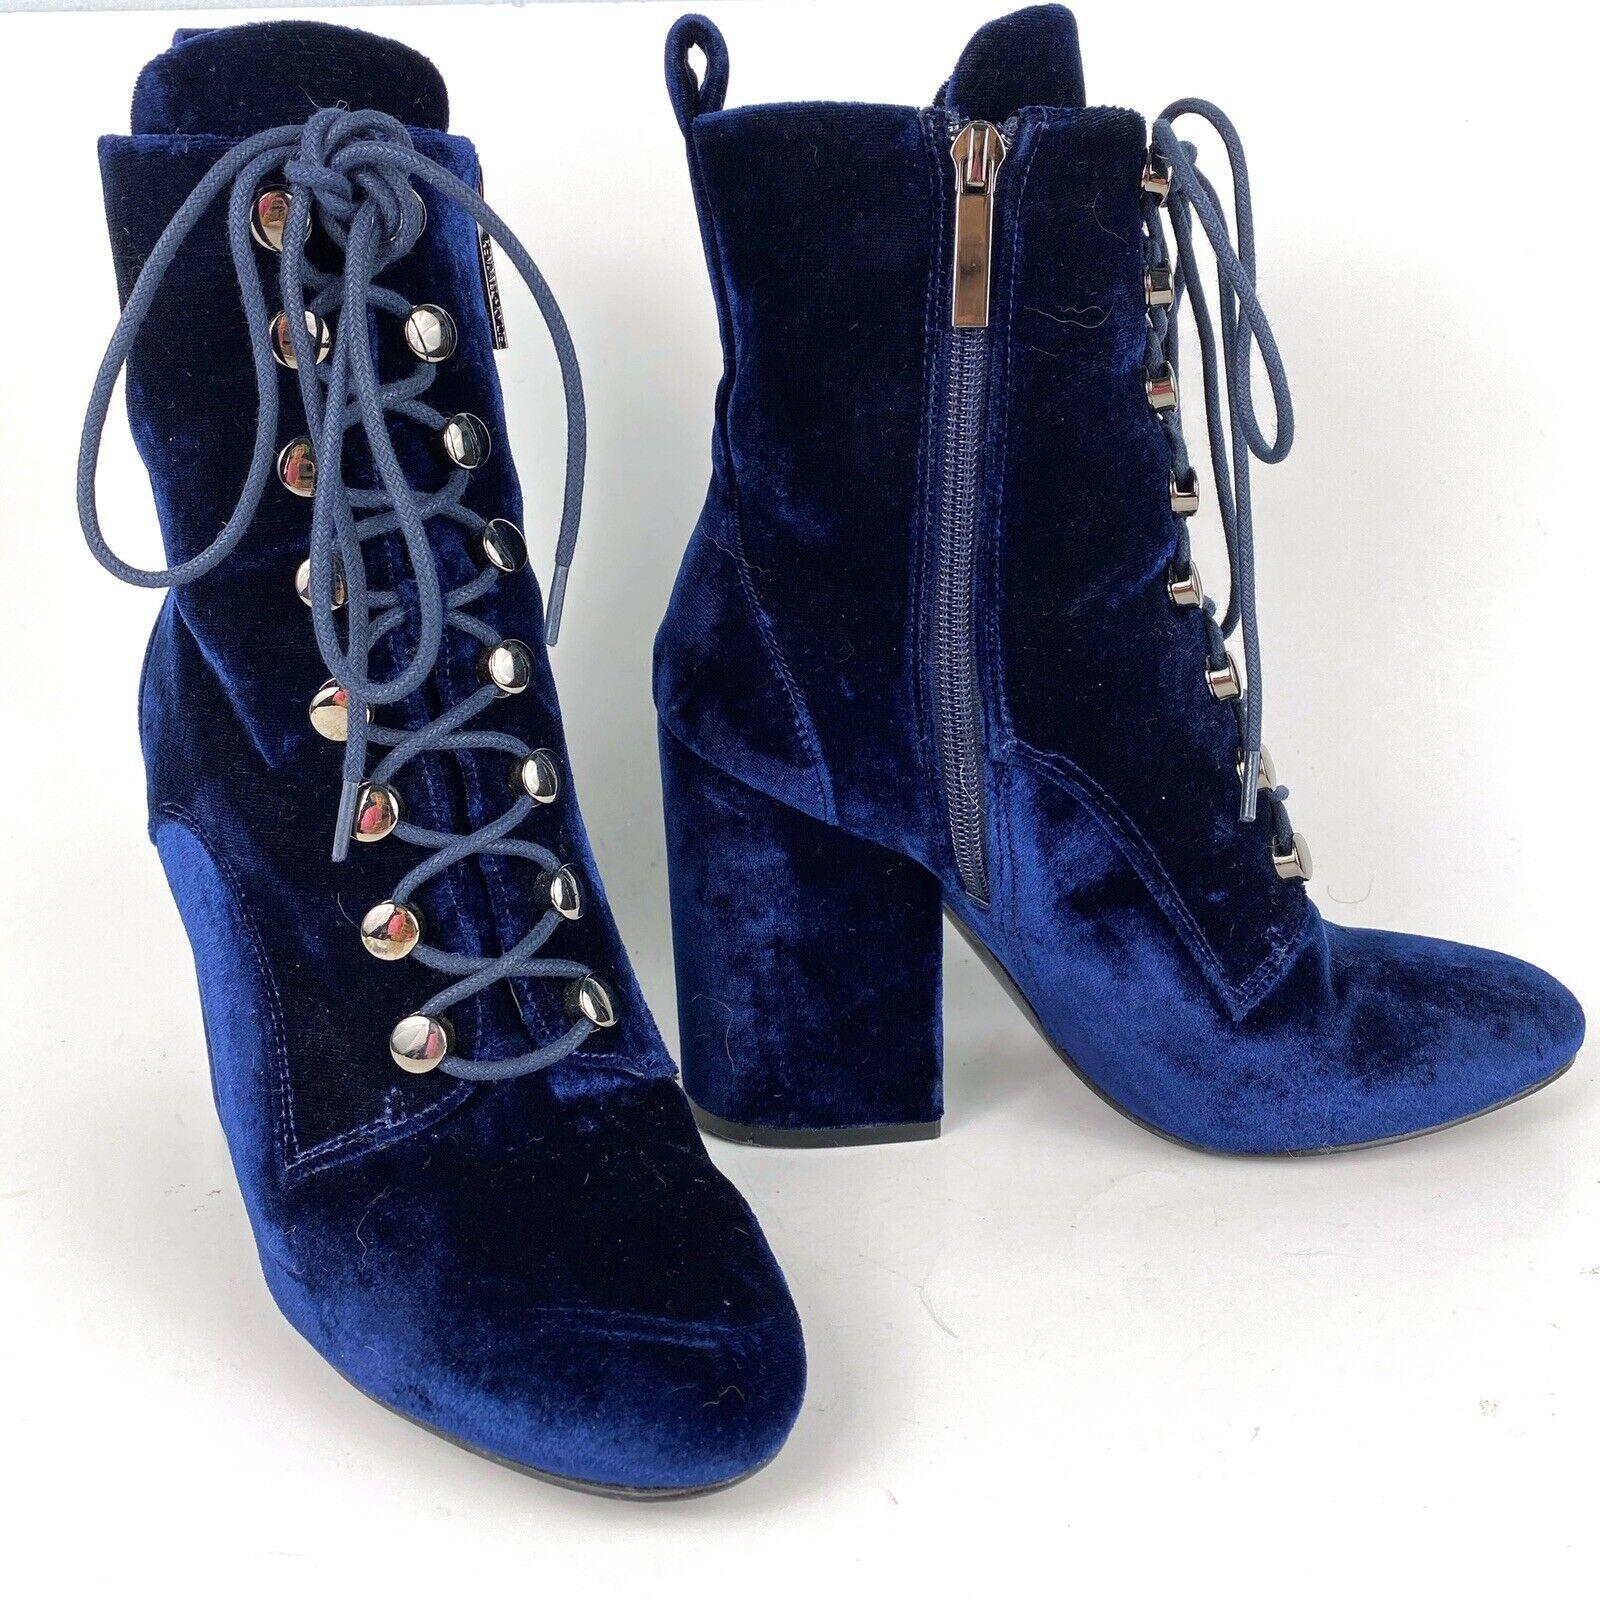 Kendall + Kylie Booties Blue Velvet